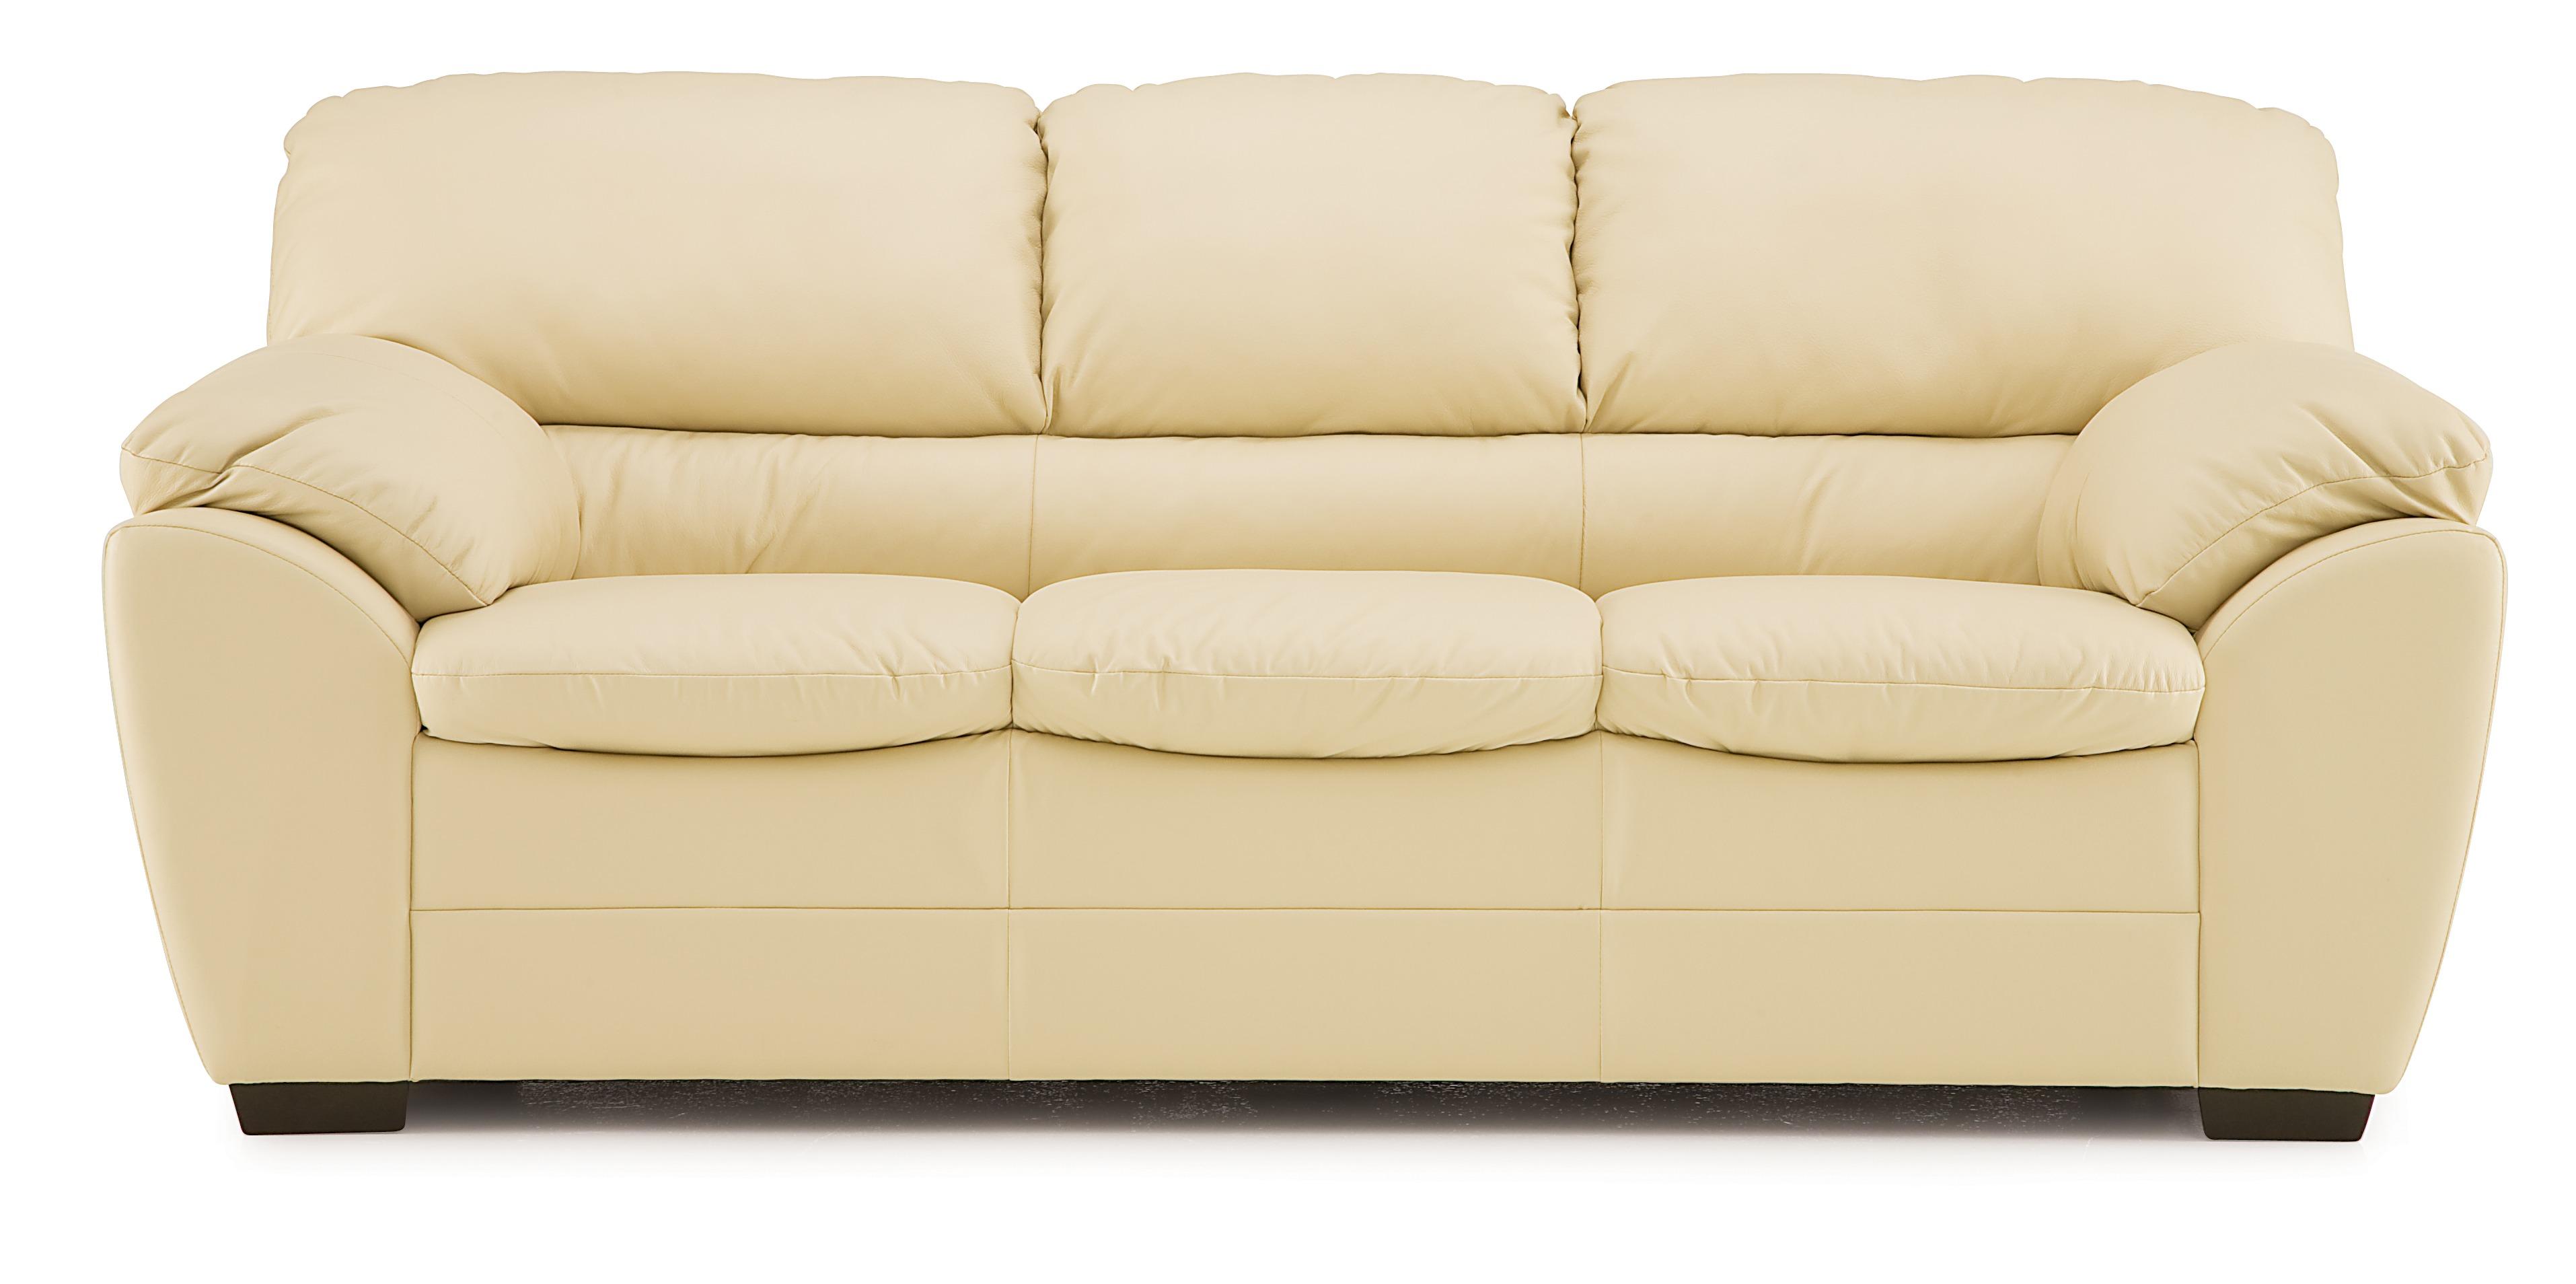 faron 77950 leather sofa 54 leather